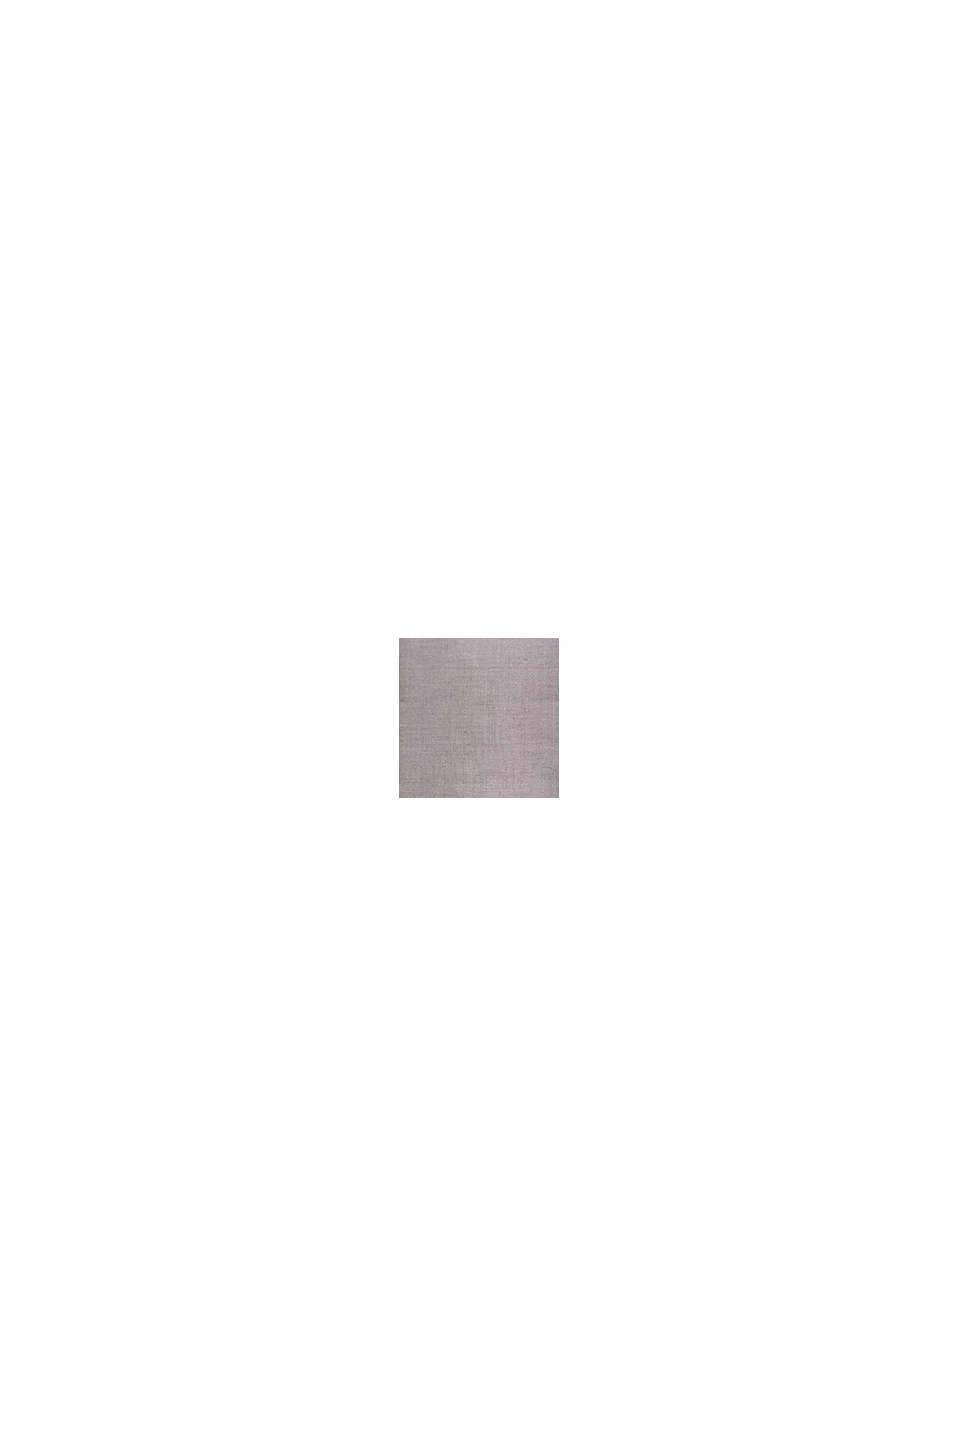 Kurzflor-Teppich mit upgecycelter Baumwolle, GREY, swatch